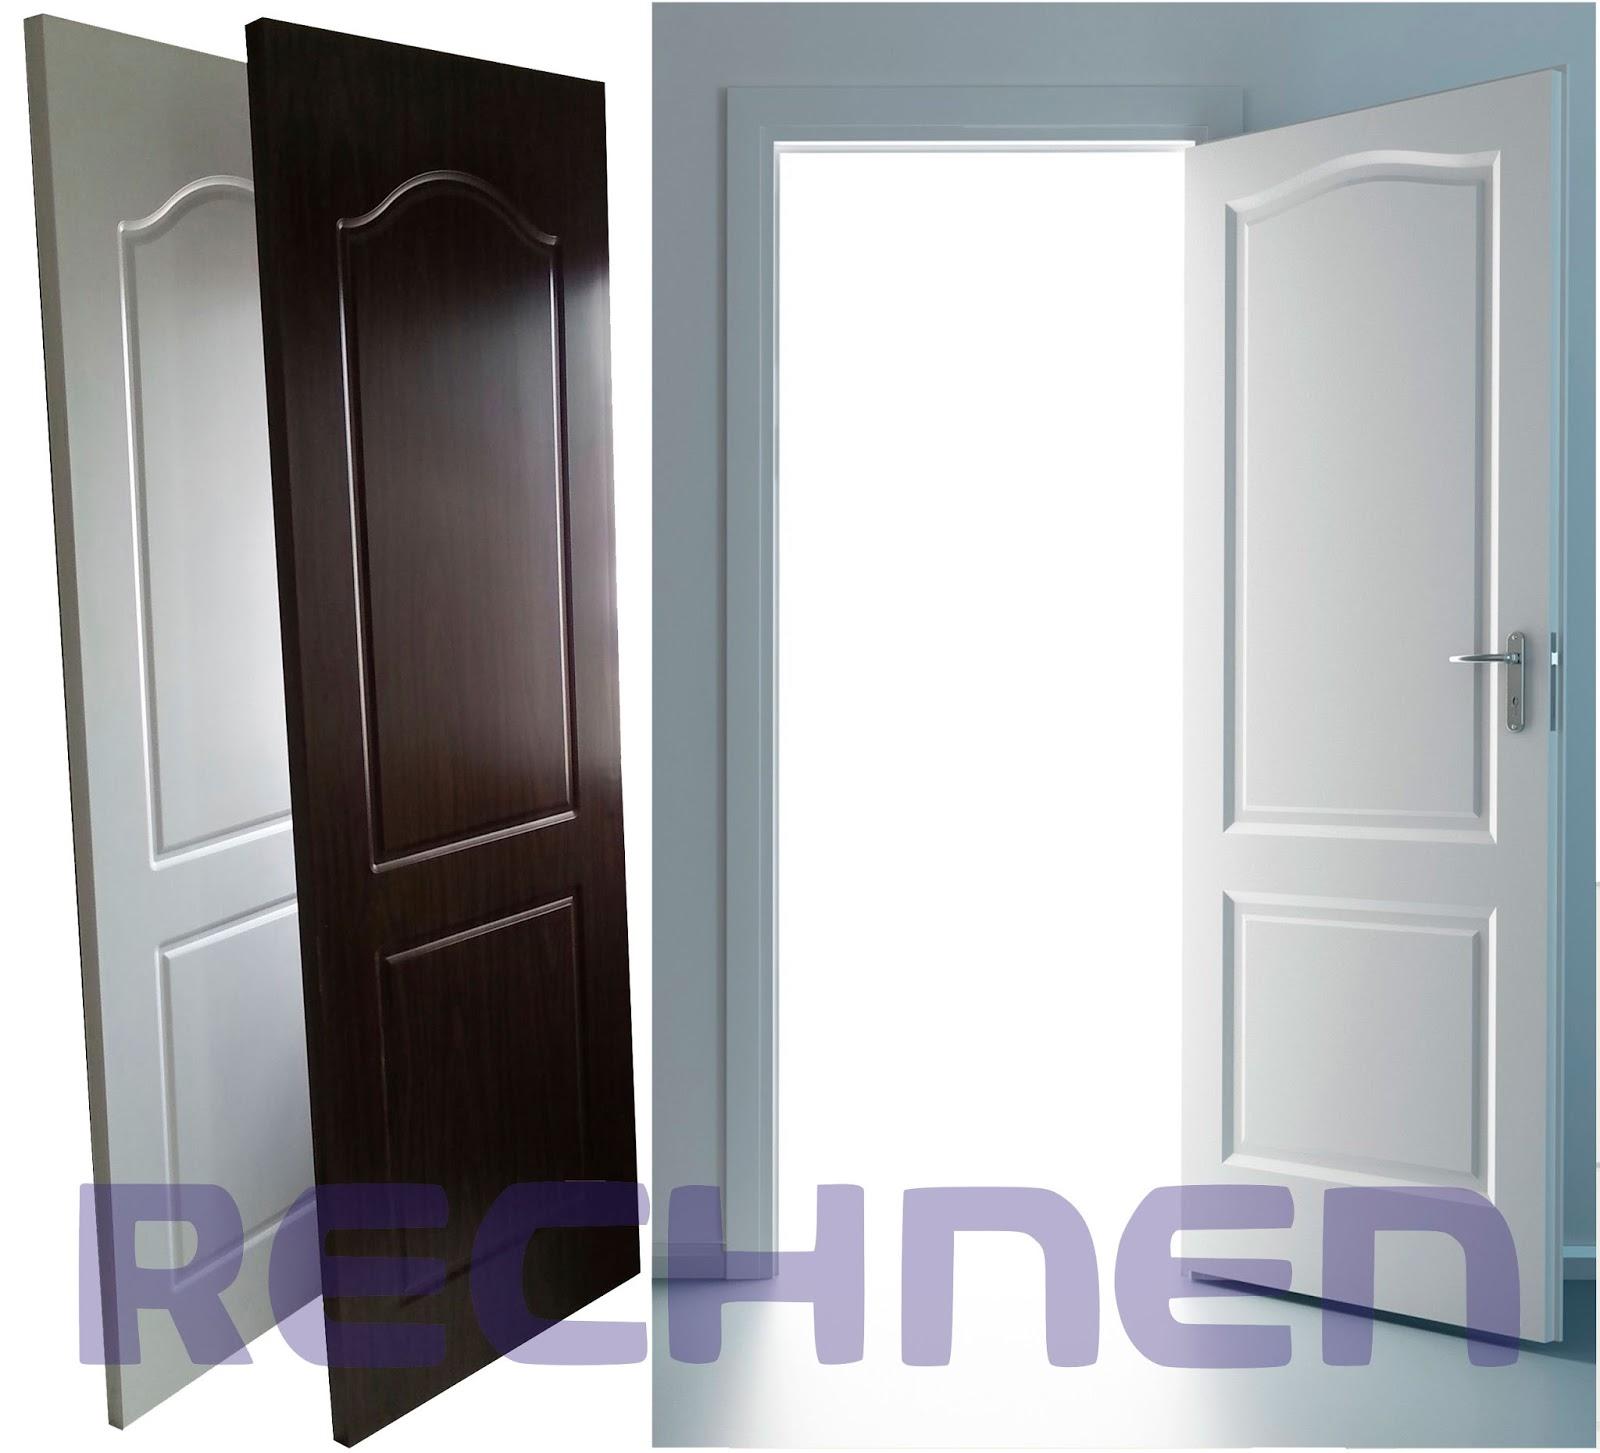 Medidas de puertas interiores puertas interiores en chihuahua with medidas de puertas - Medidas de puertas de interior ...